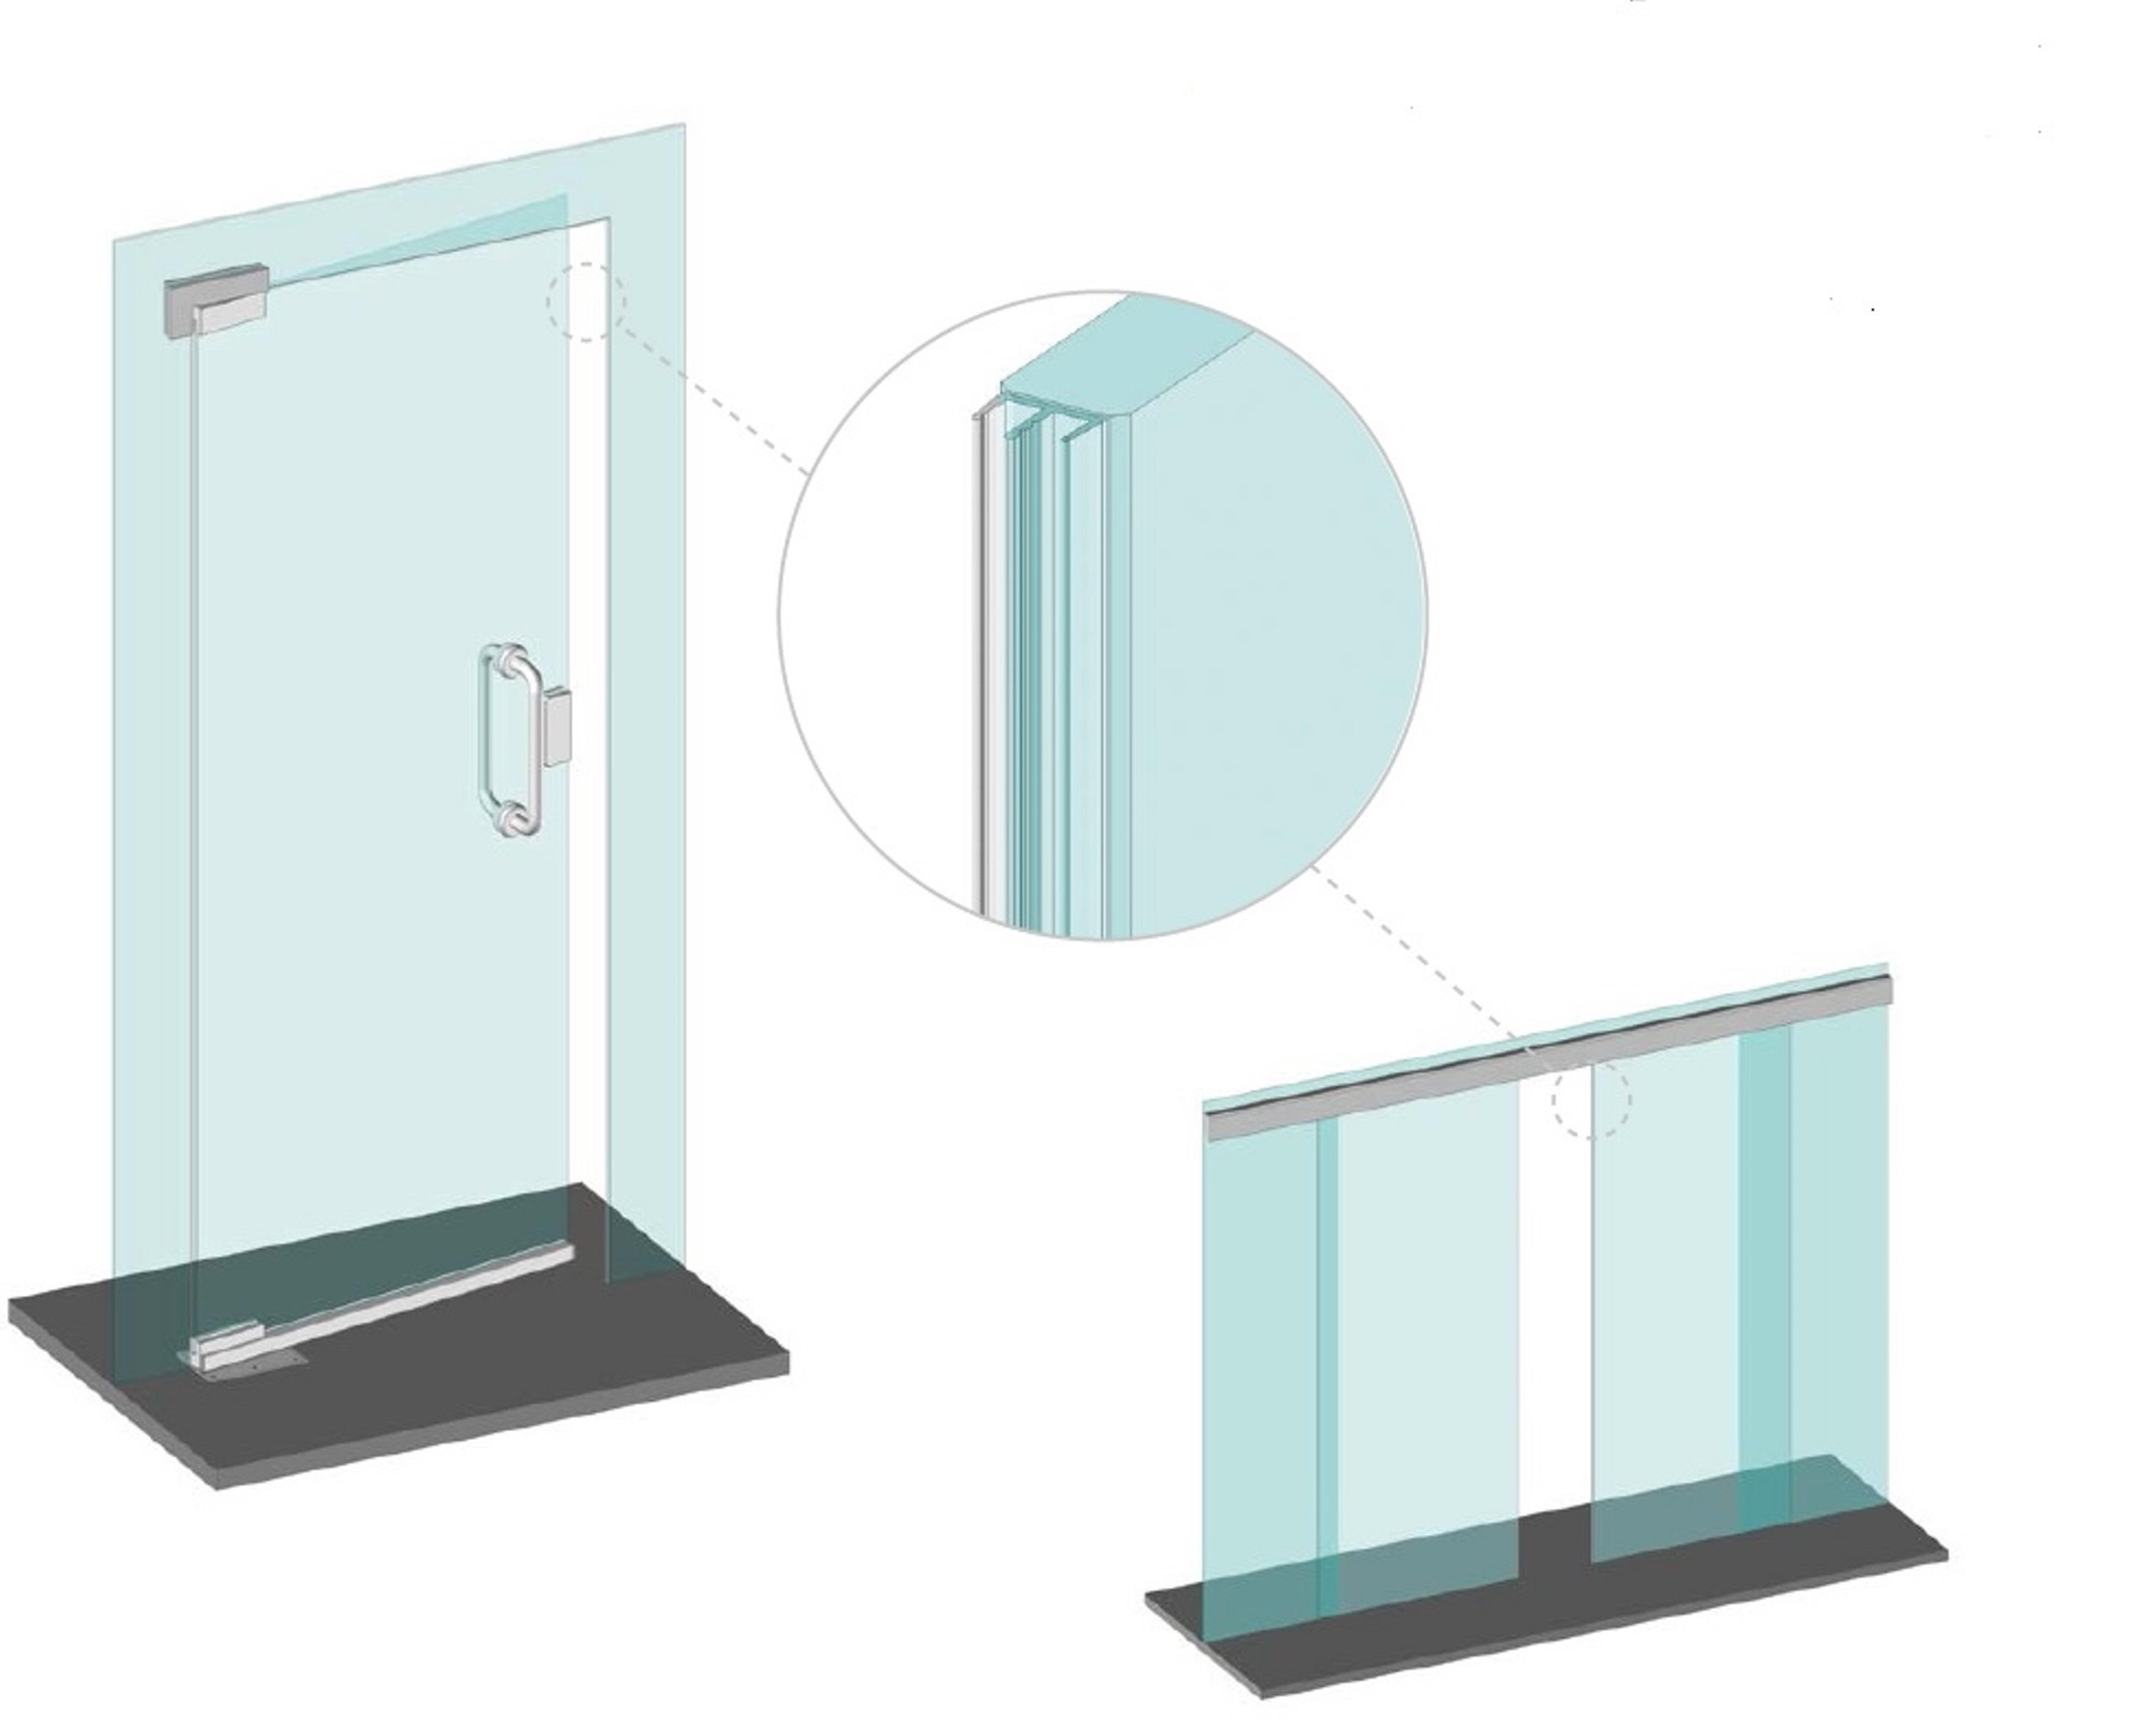 Sliding Door Sealant & Garage Door Gaskets Can Be Used To